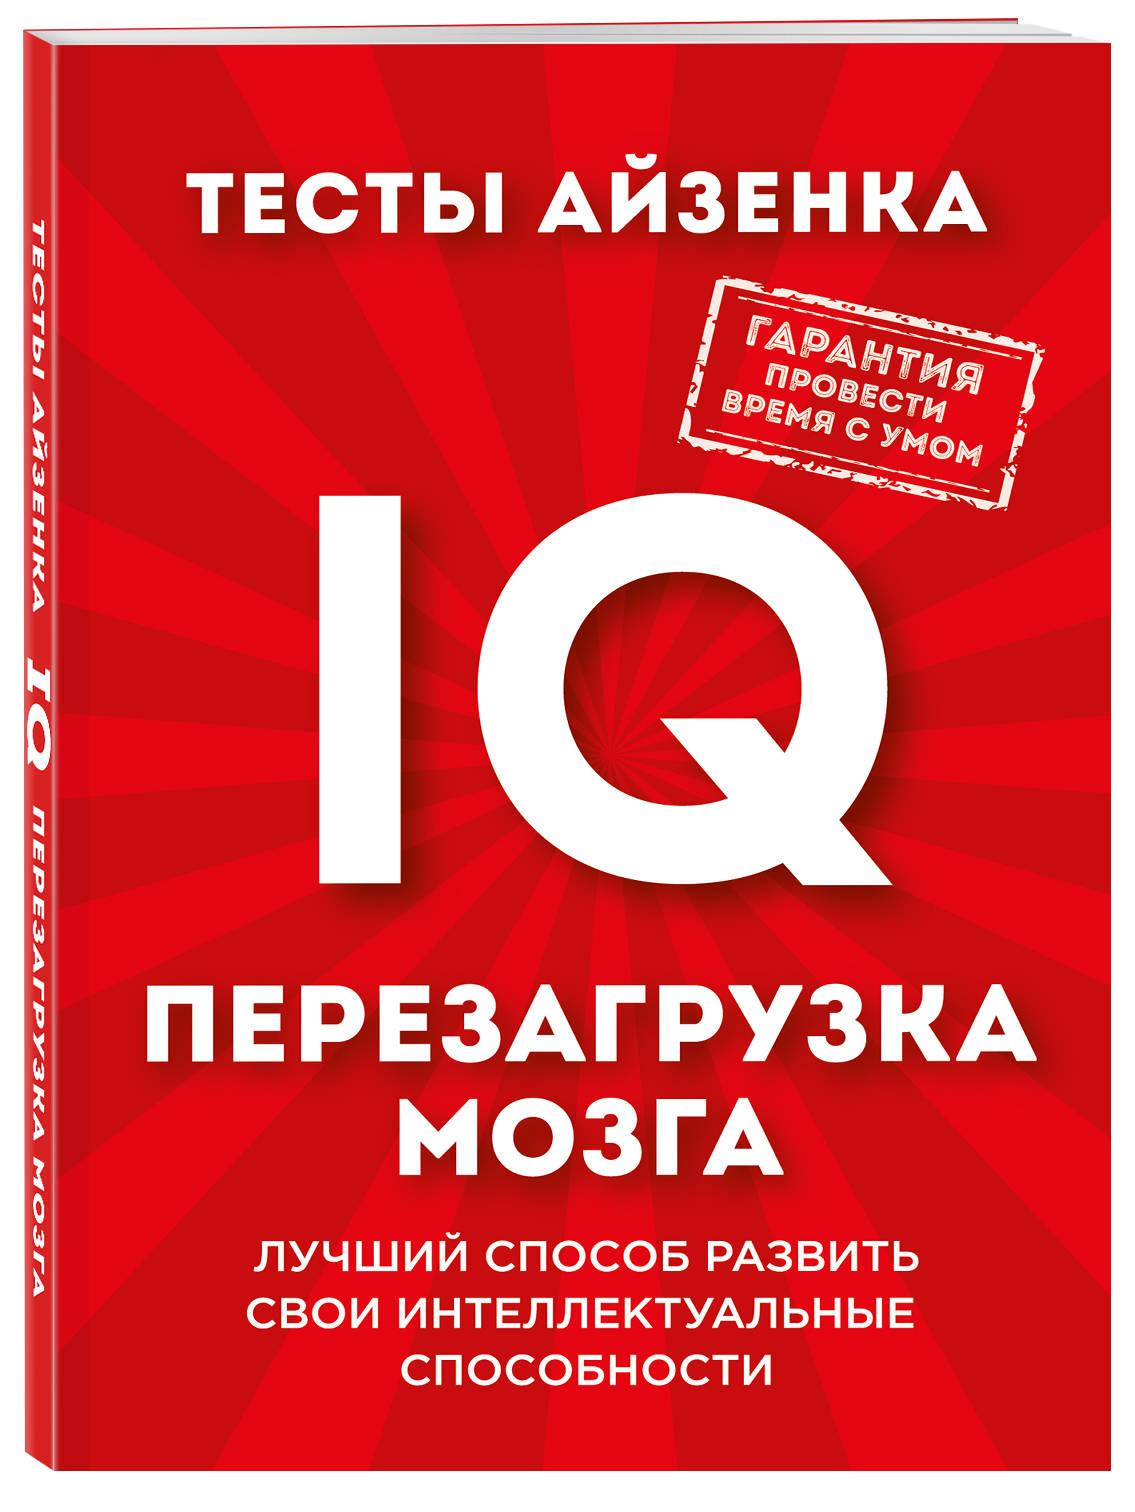 Тесты Айзенка. IQ. Перезагрузка мозга. Лучший способ развить свои интеллектуальные способности. ( Айзенк Г.  )